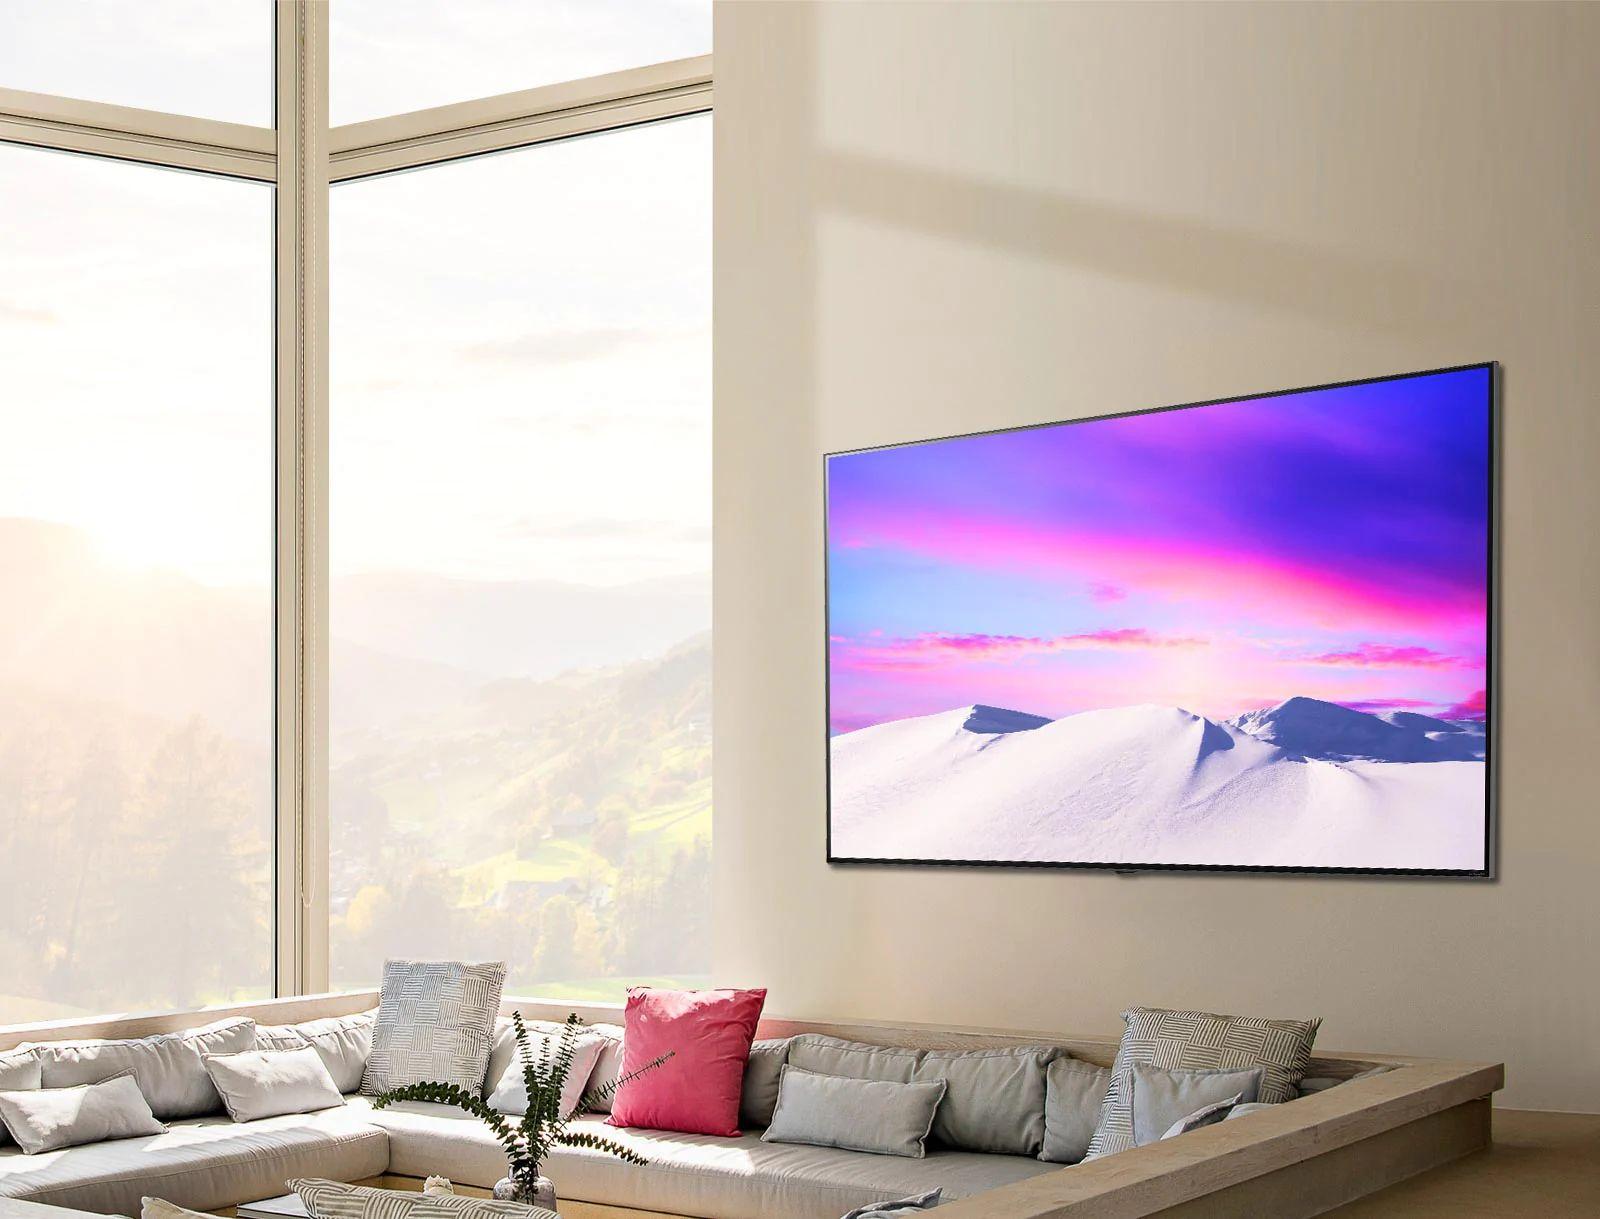 Stseen, kus on suur õhuke LG NanoCell-teler, mis ripub lamedalt vastu seina.